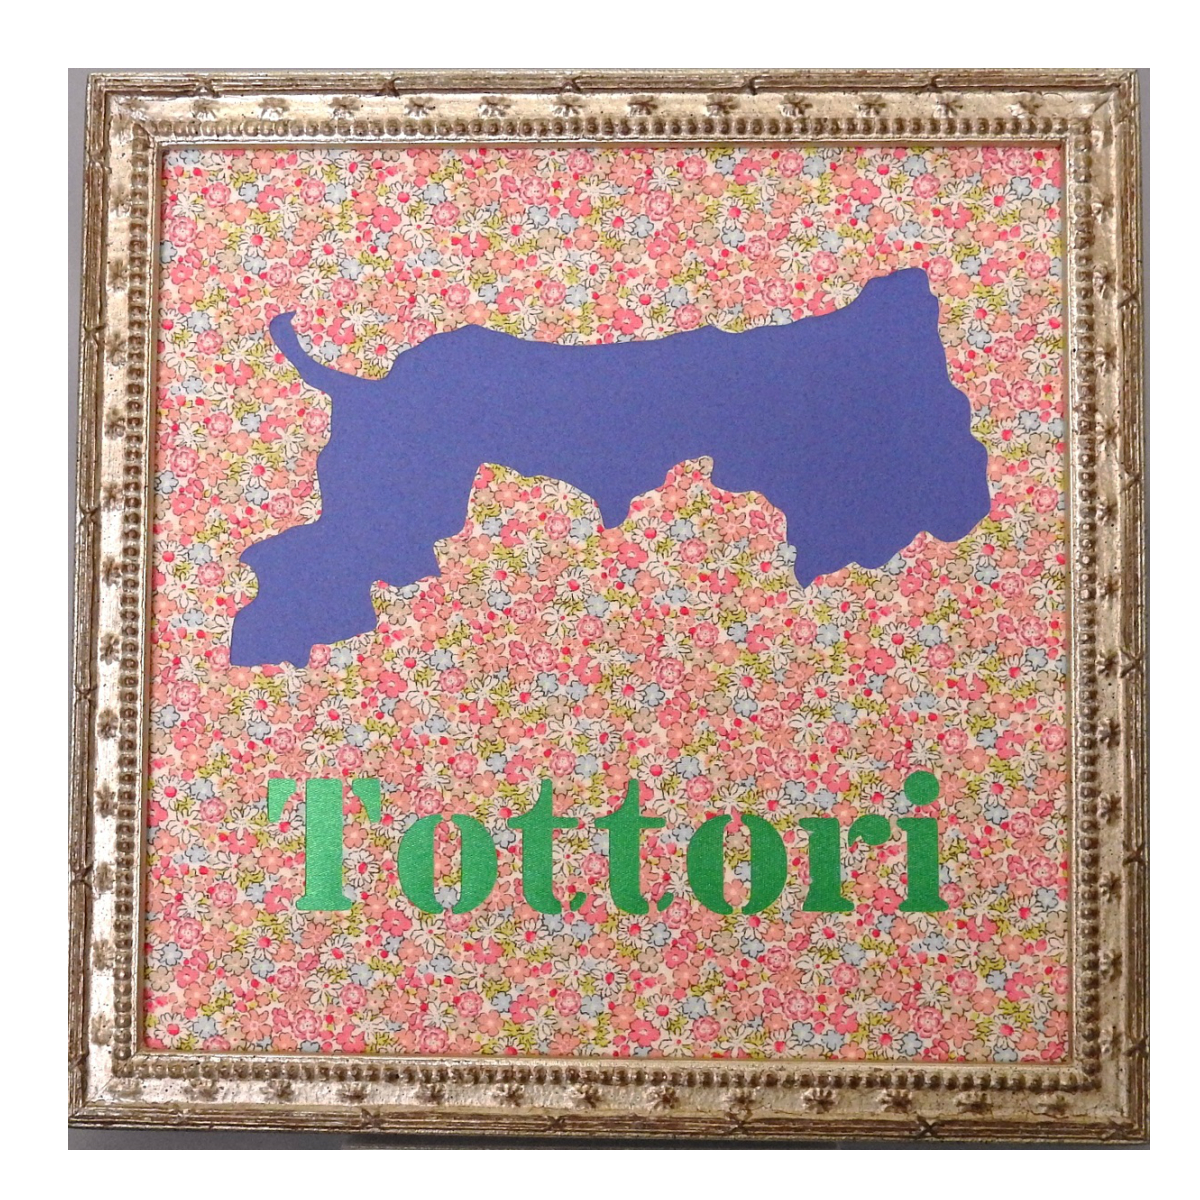 鳥取県切り絵インテリアフレームオリジナル地図壁飾り220mm正方形一点もの故郷思い出国産素材サテンリボン